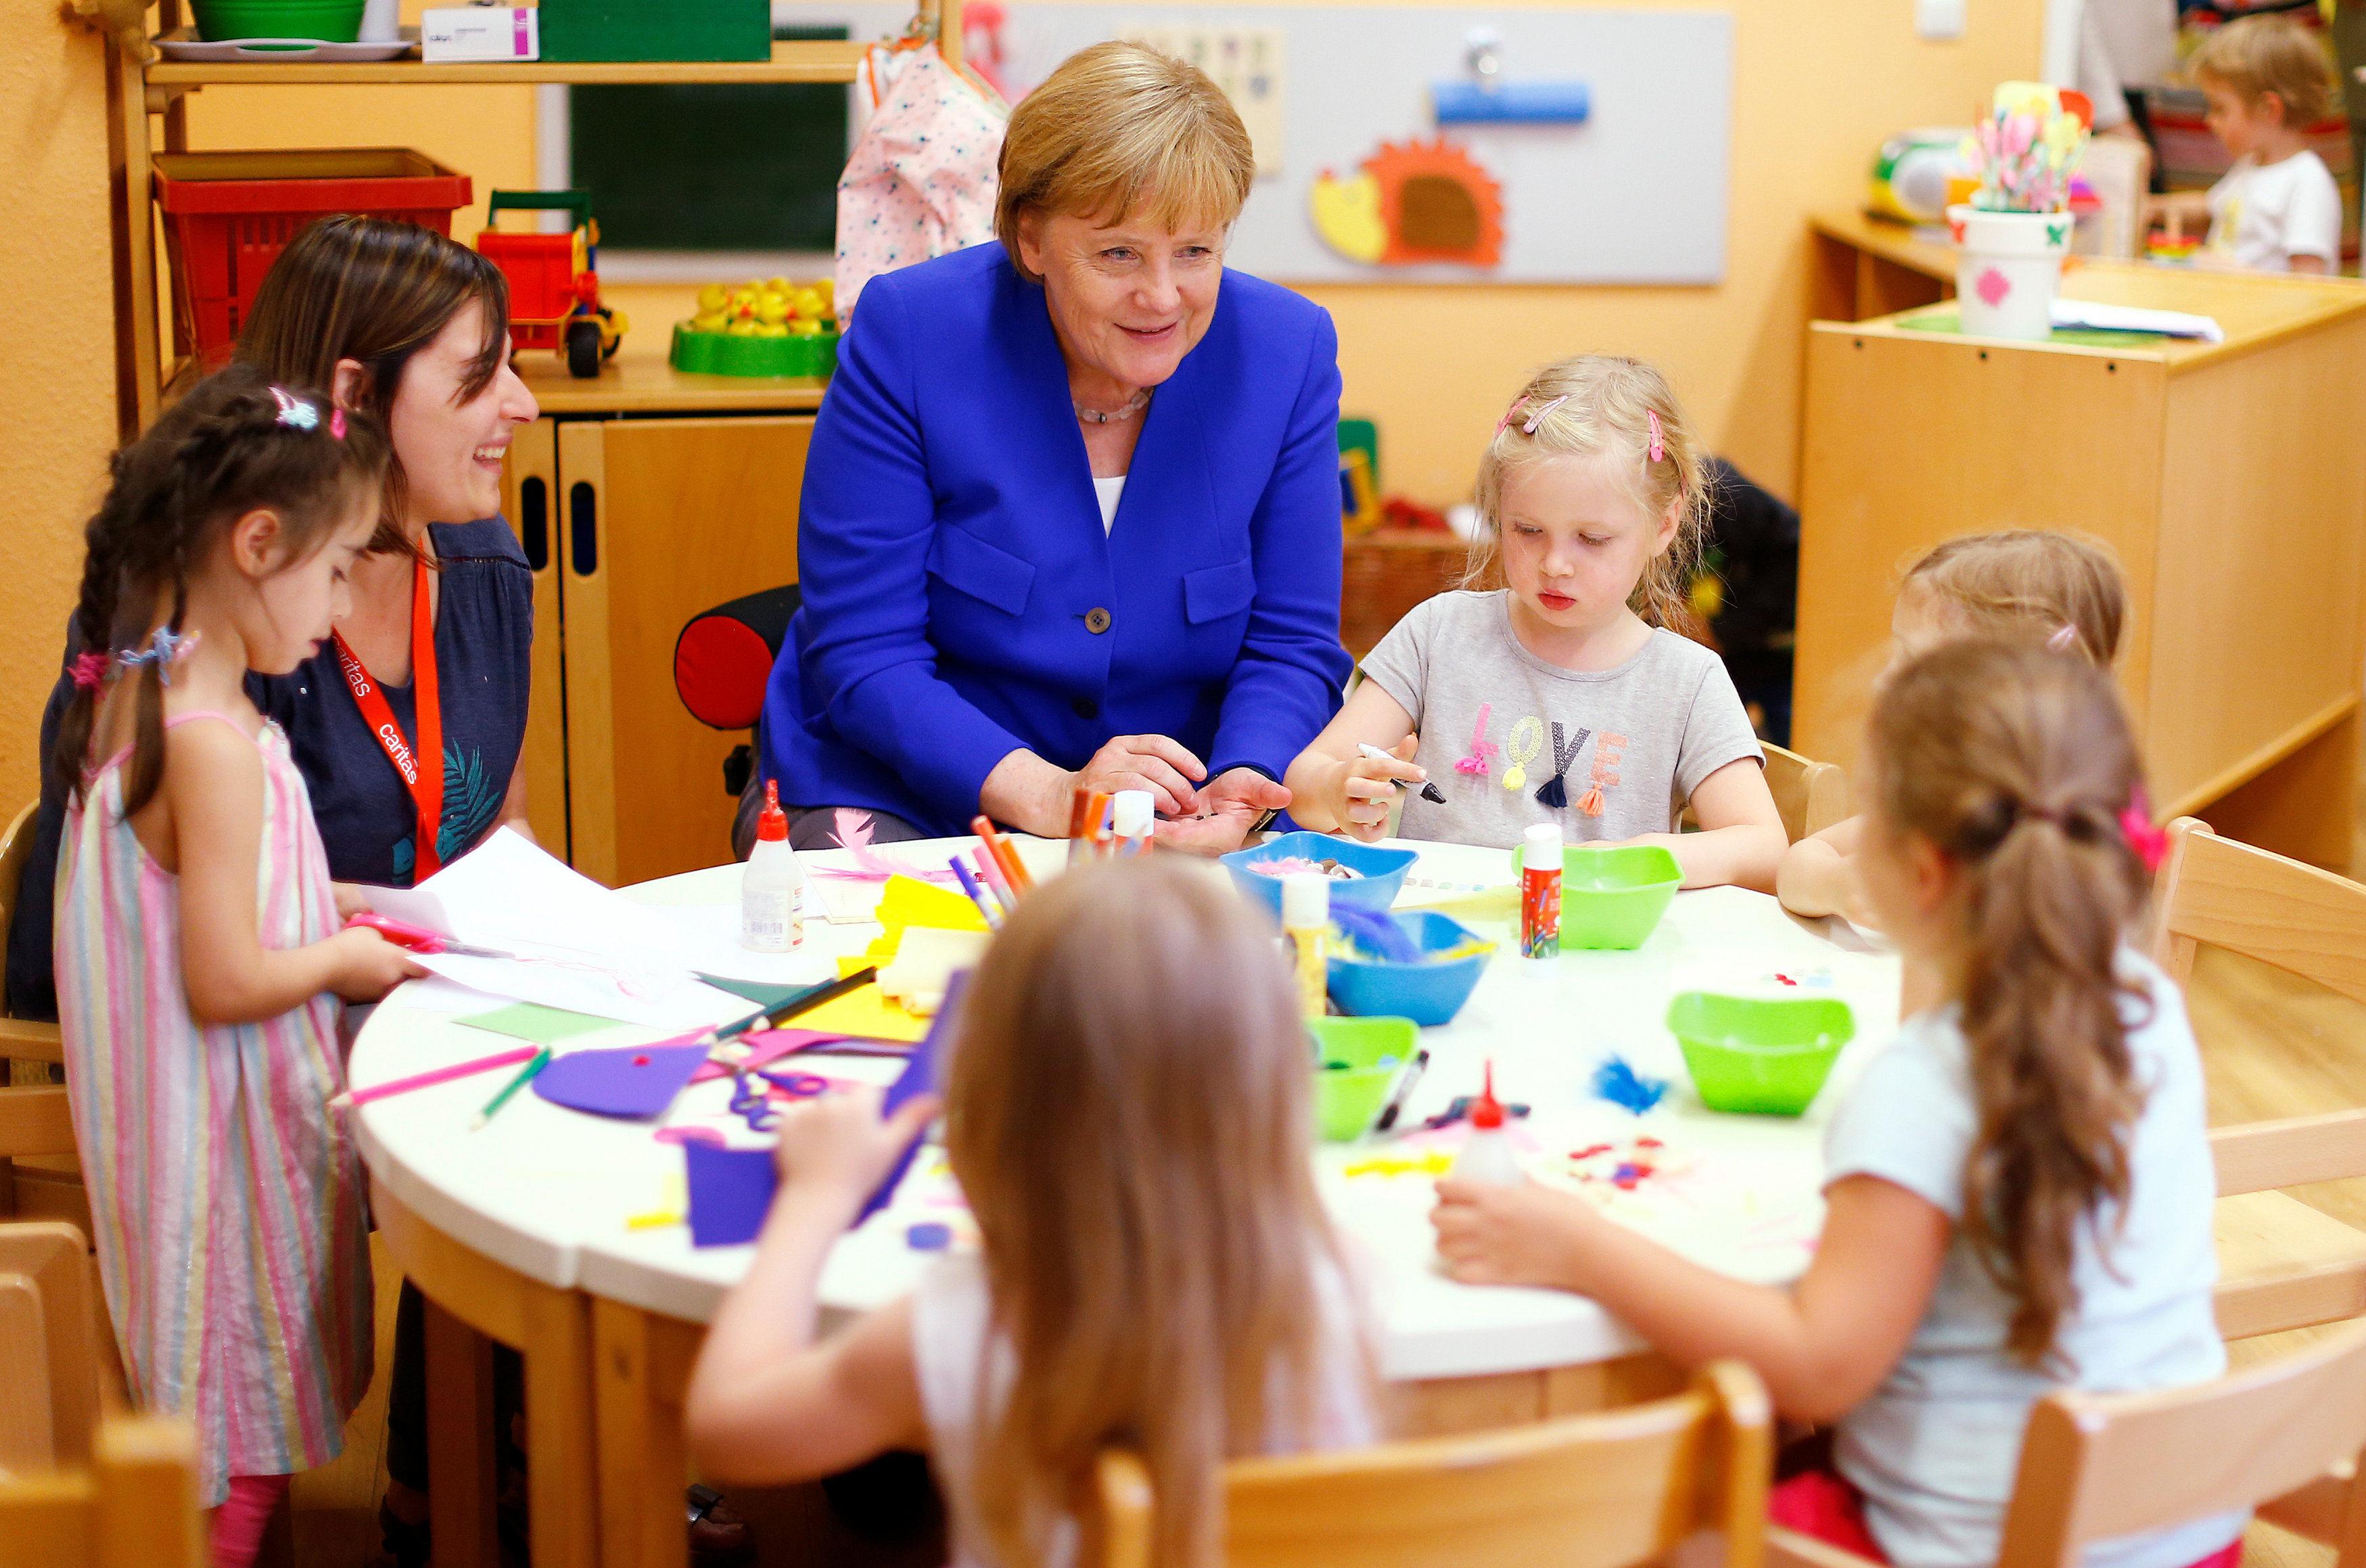 Канцлер Ангела Меркель сидит с детьми в детском саду Ассоциации Каритас в Кельне. Германия, 18 июля 2018 года